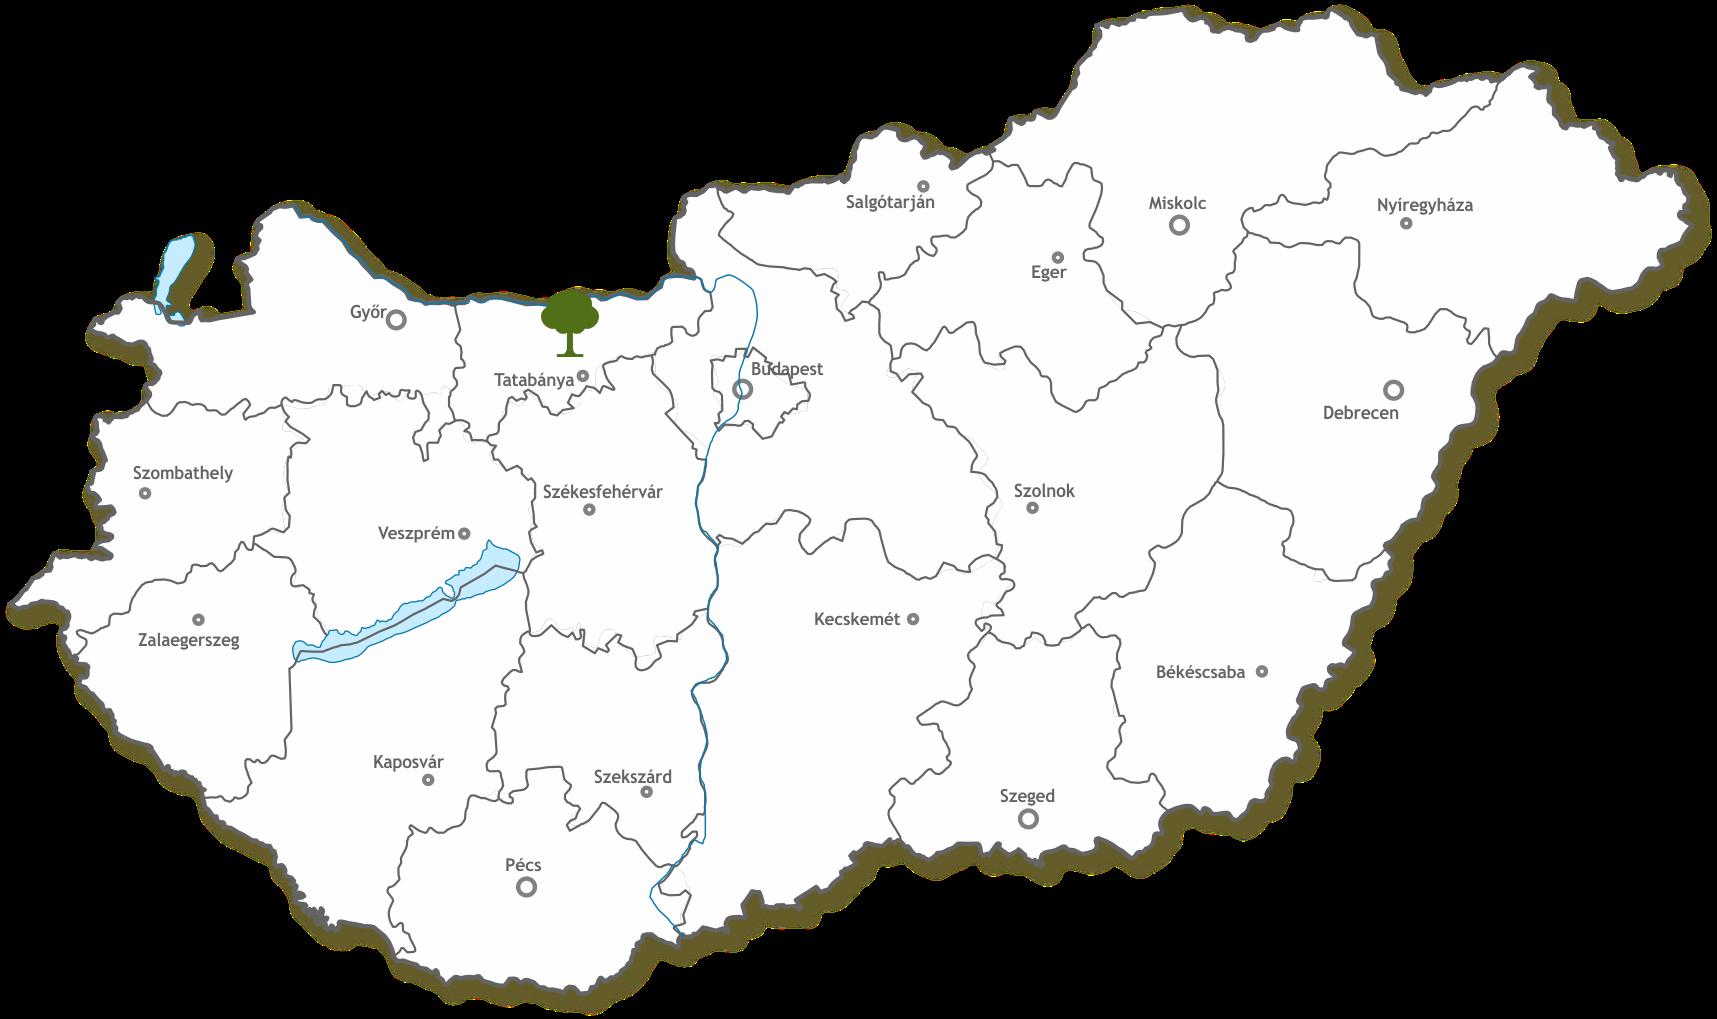 magyarország térkép tata Emlékerdő   Emlékerdők magyarország térkép tata